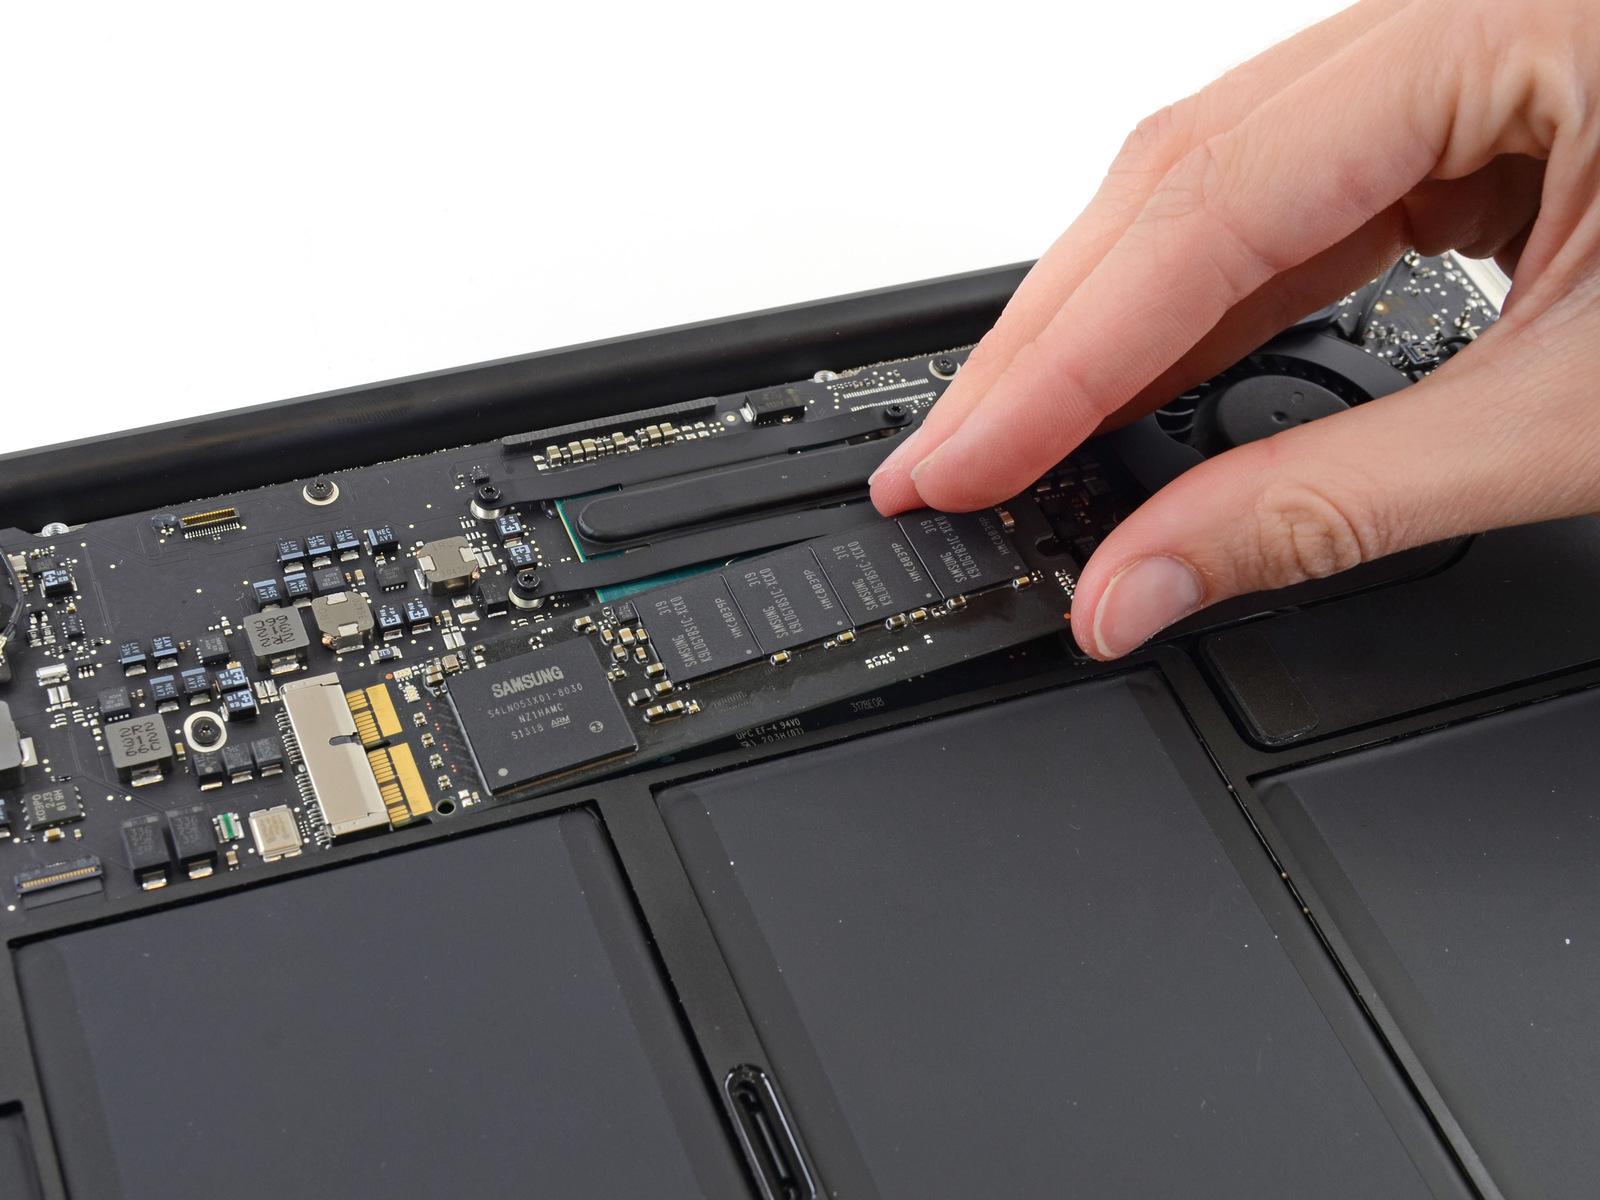 huong dan thay o cung SSD mac book 2015 7